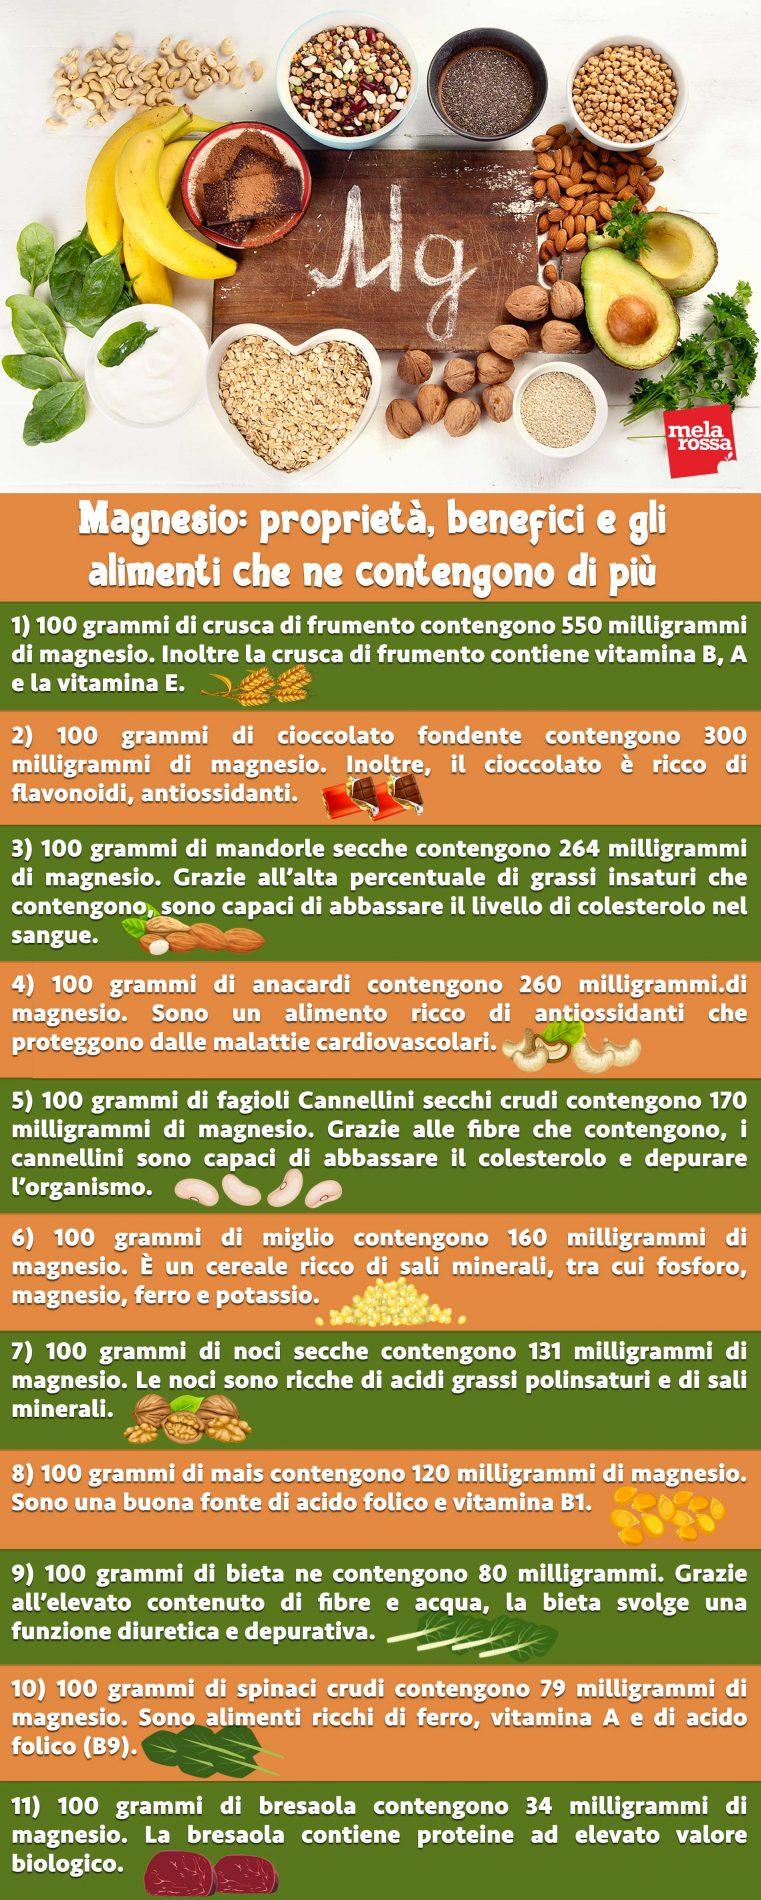 magnesio-alimenti